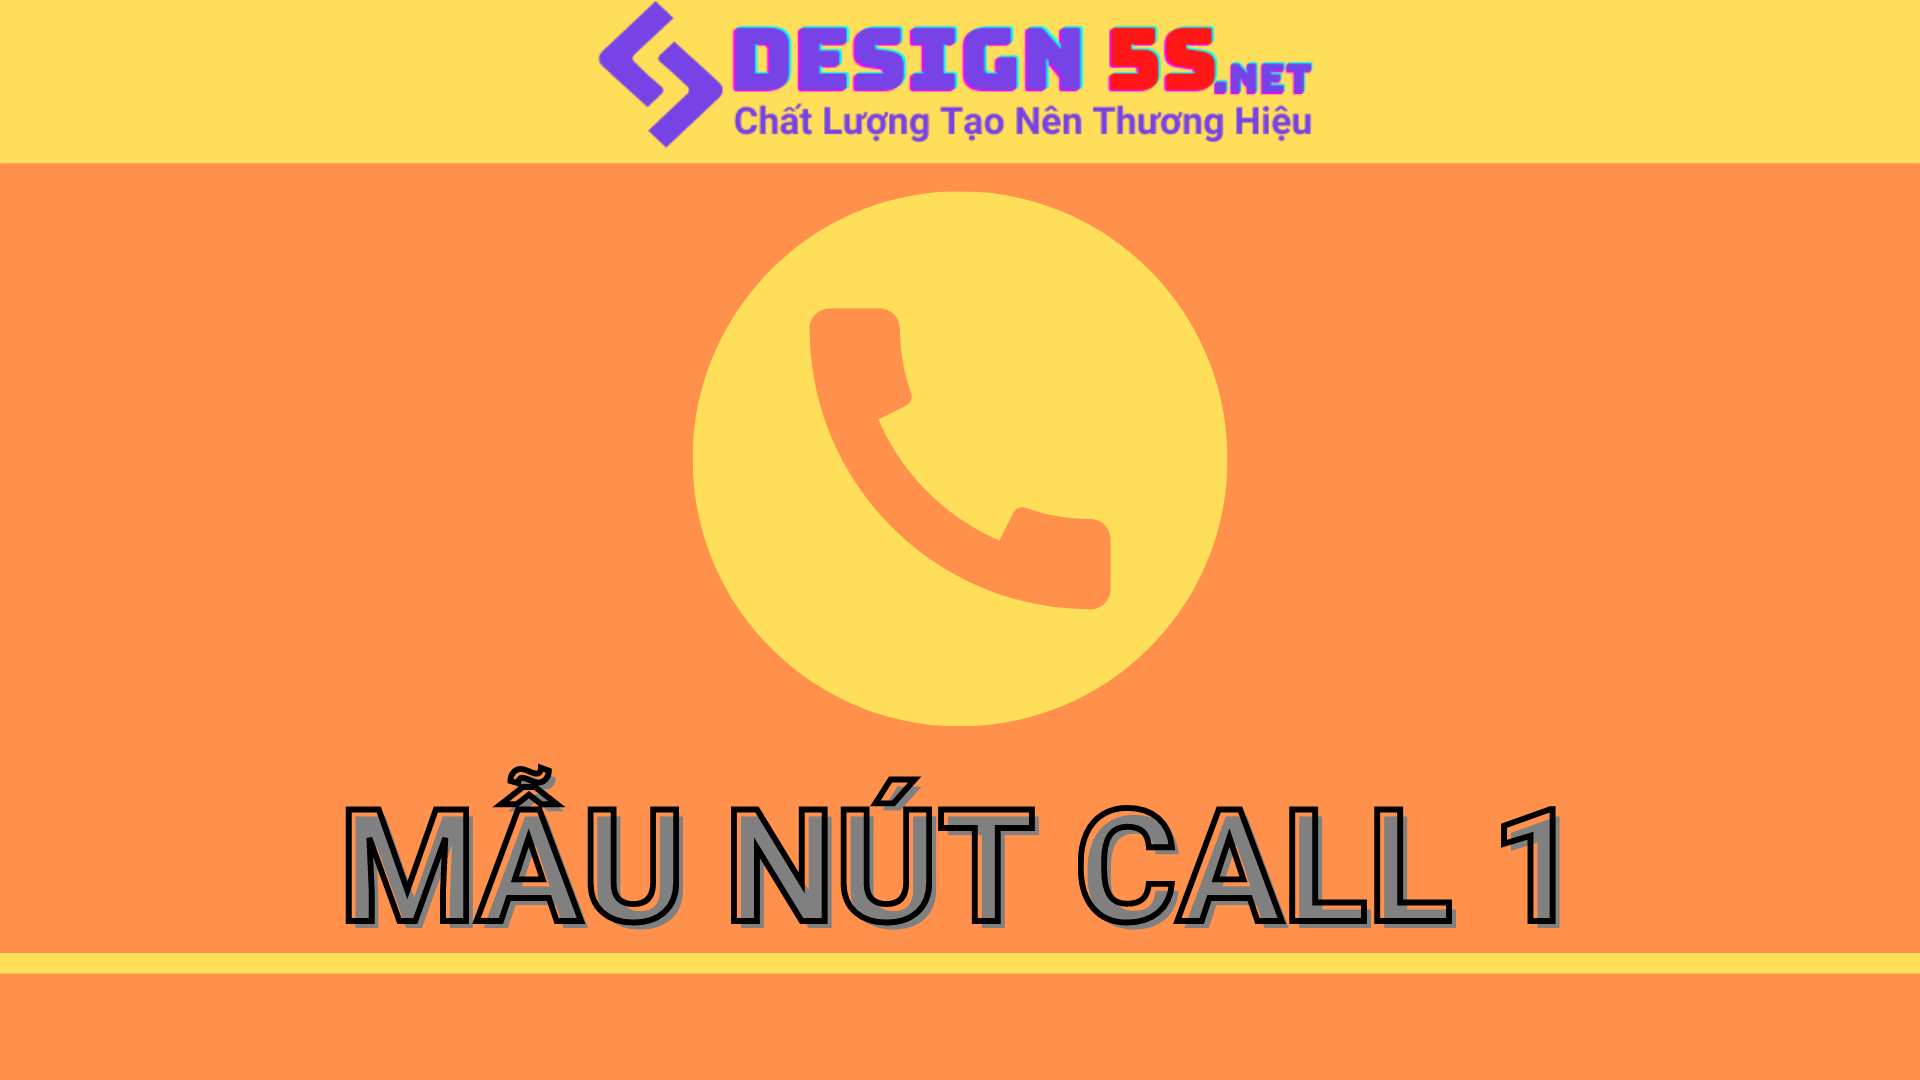 Tiện ích gọi điện trên website (mẫu 1) - Ảnh 2